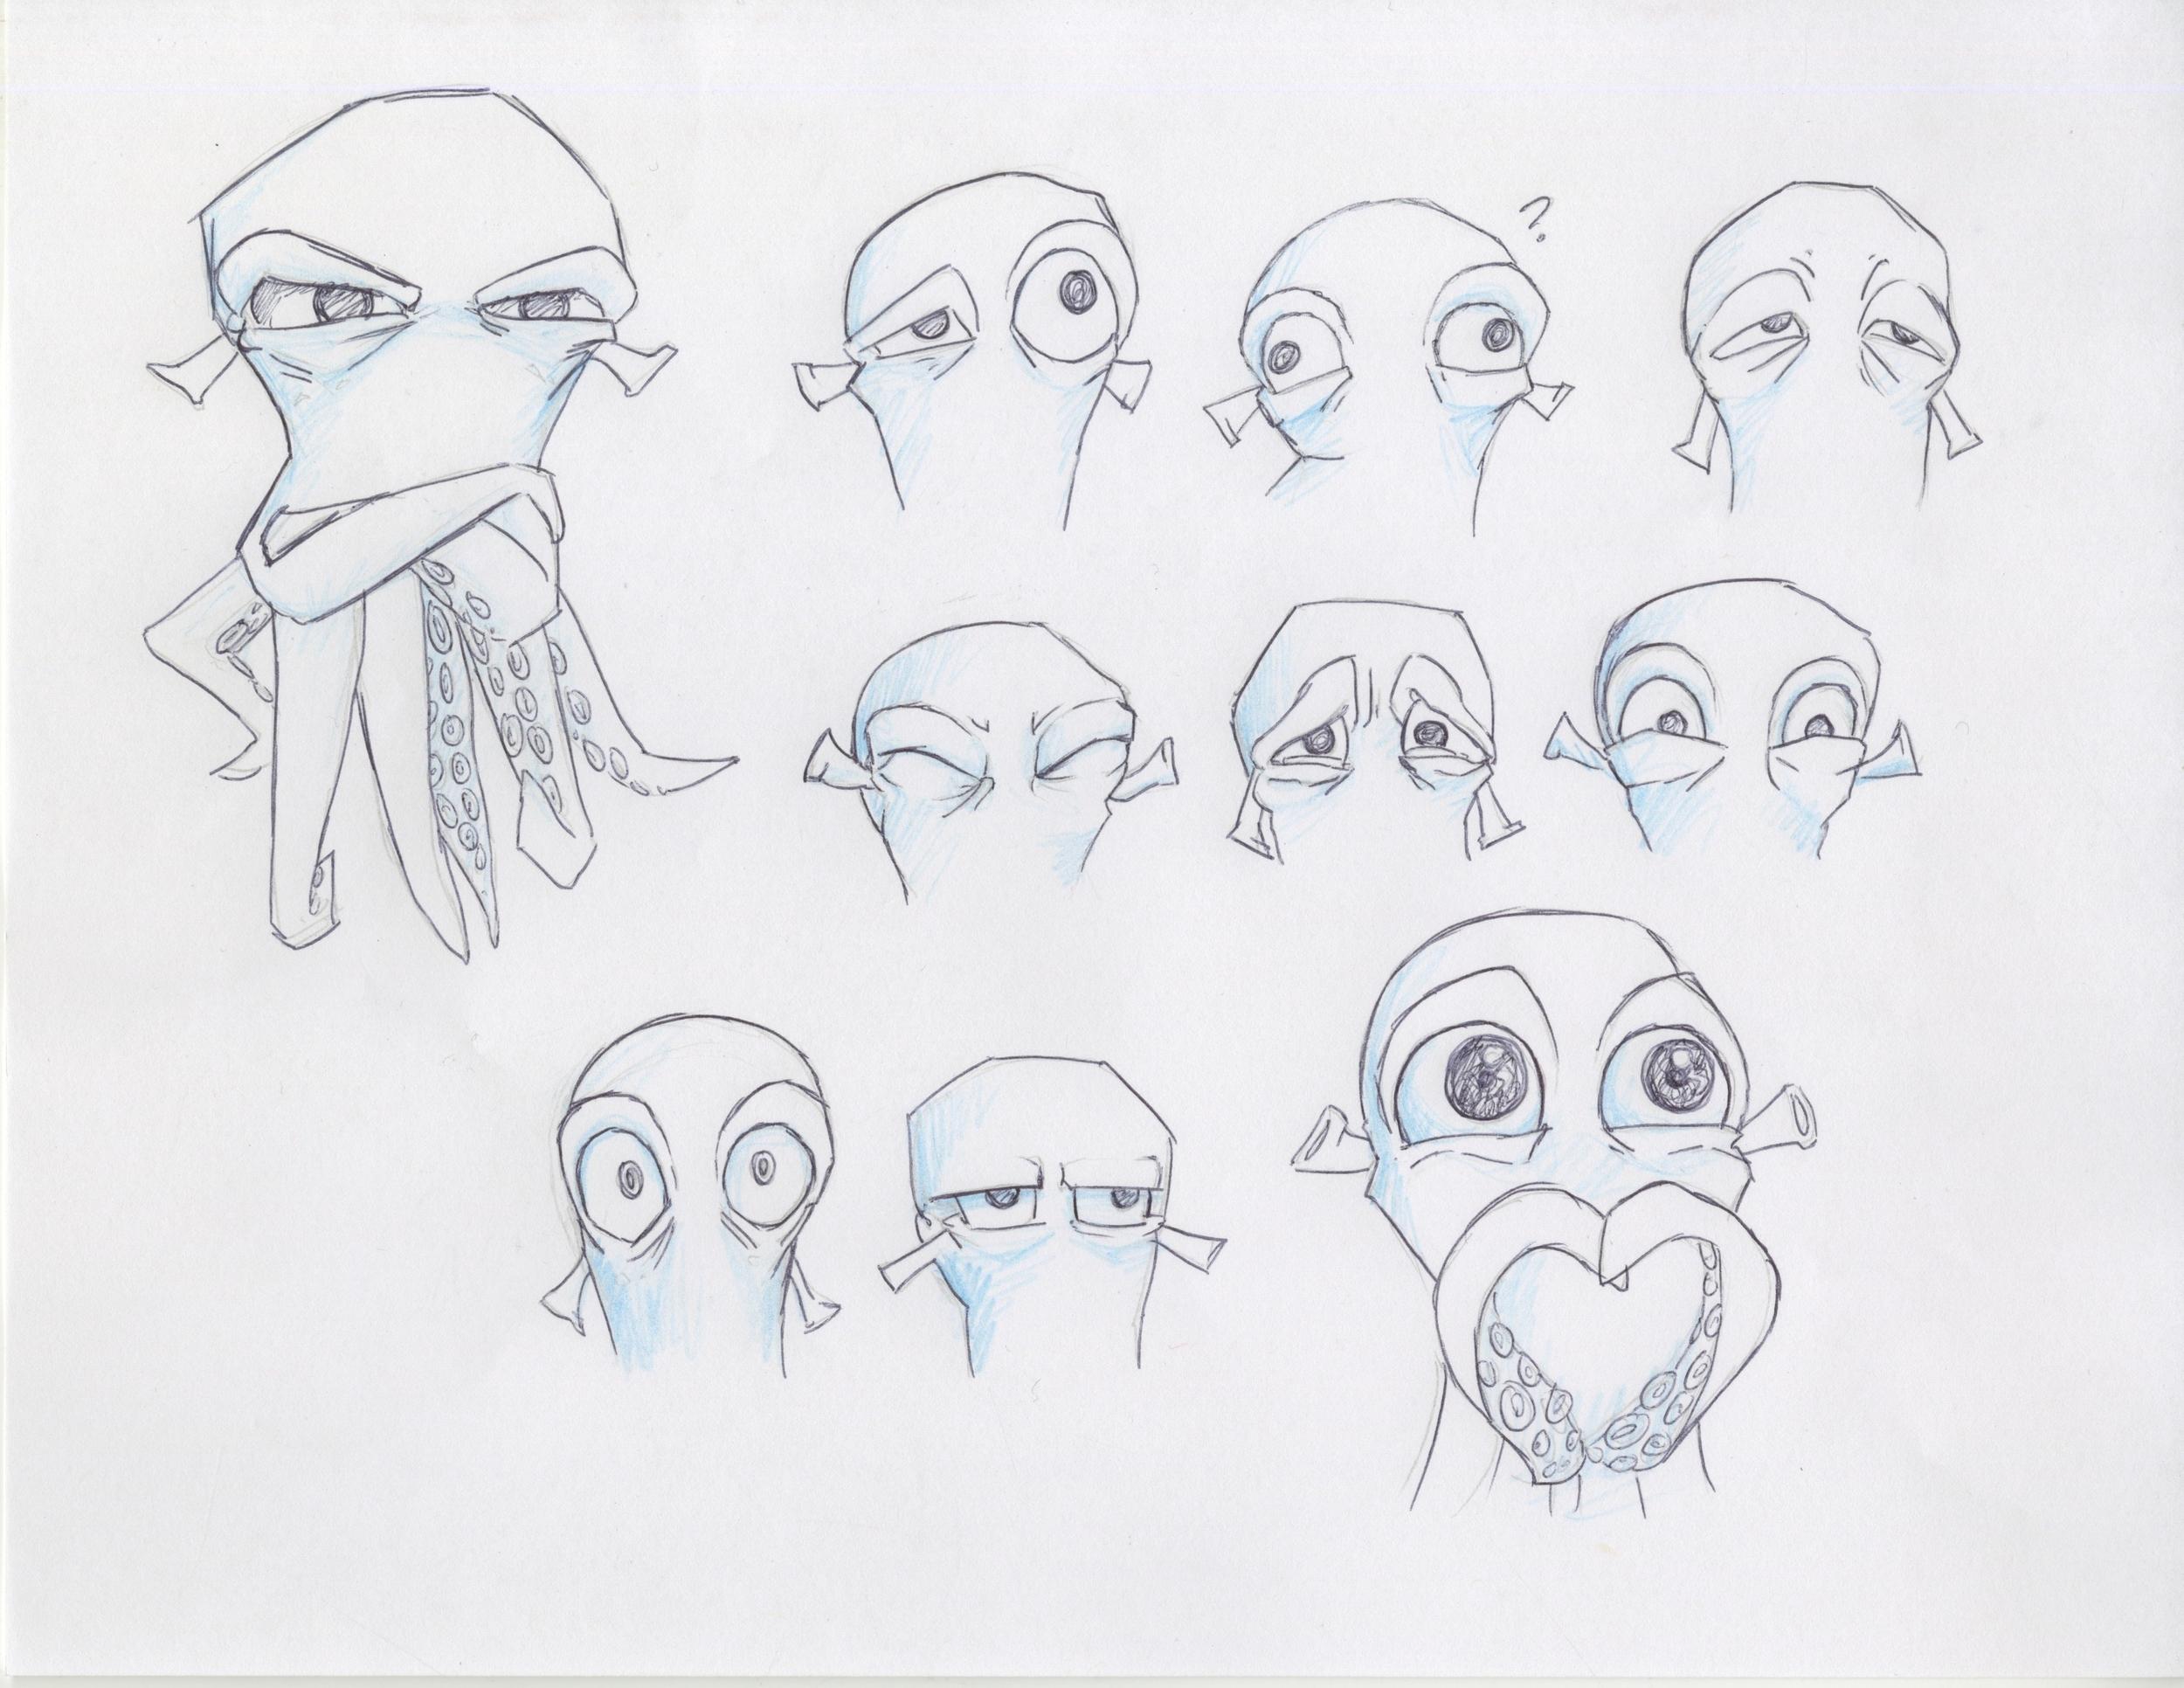 Squiddie_ExpressionSheet.jpg